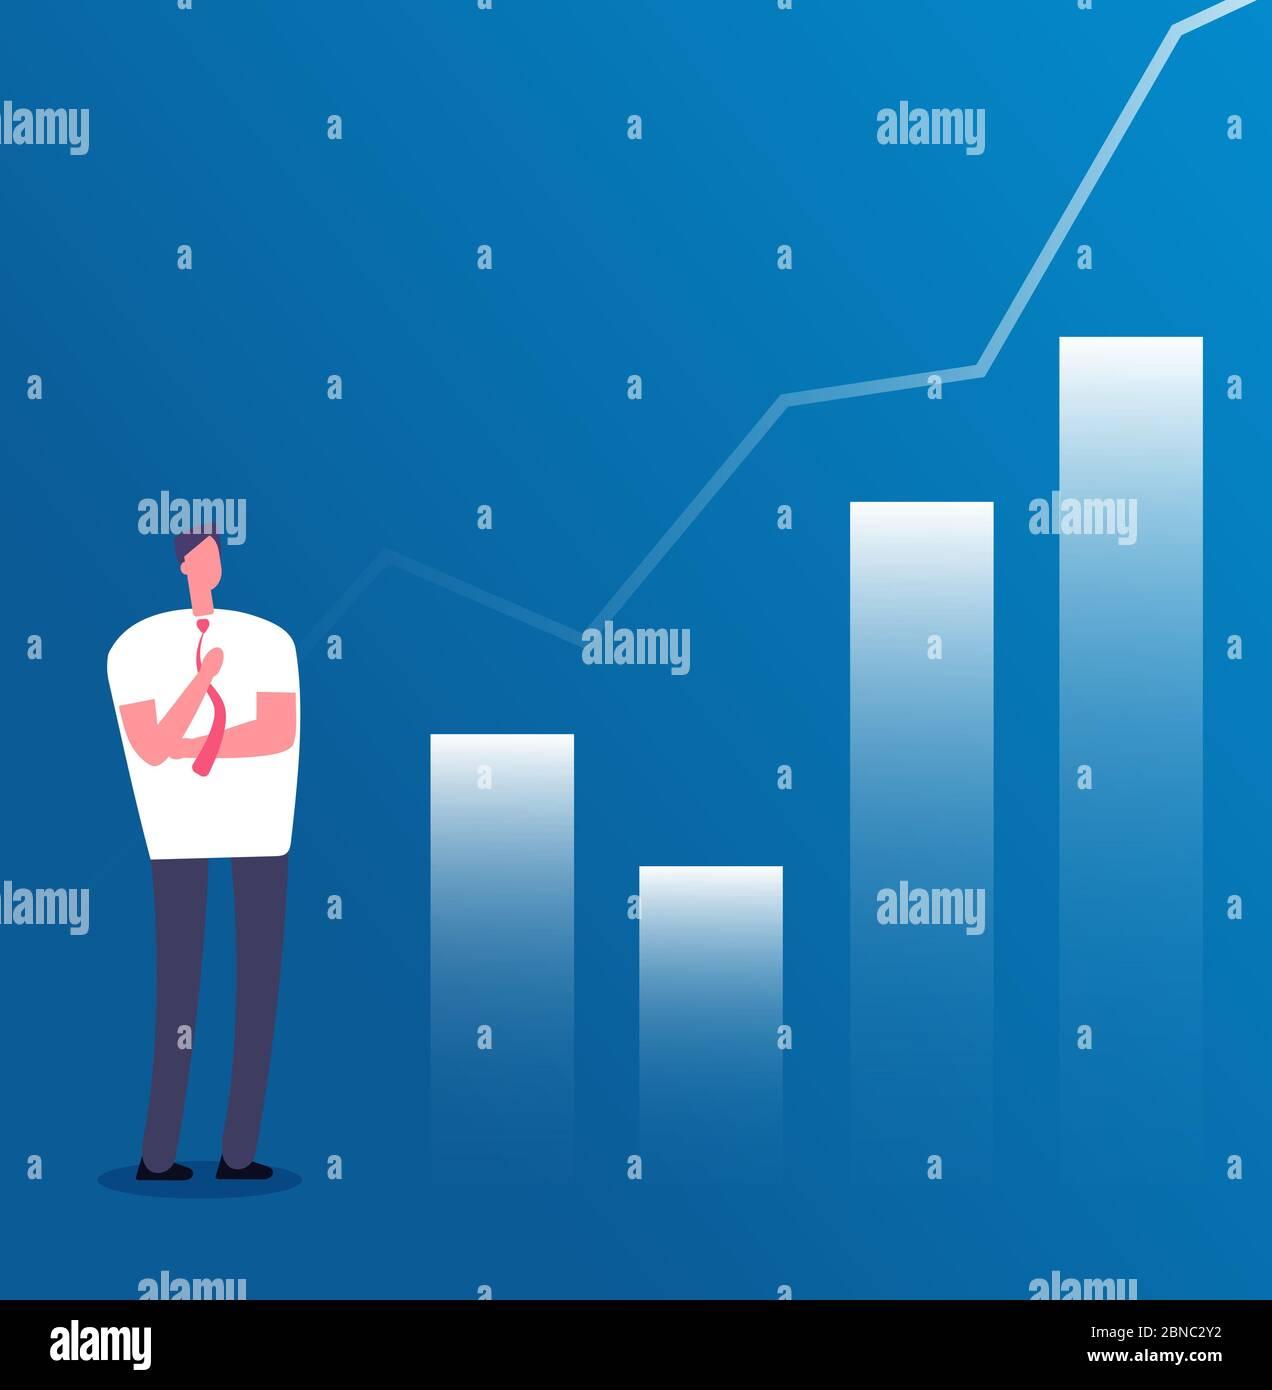 Concepto de crecimiento del mercado. Empresario con gráfico de crecimiento. Éxito de negocios, planificación de ingresos de inversión y el crecimiento de carrera póster vector. Ilustración de la gráfica financiera, de las ganancias y de la inversión financiera Ilustración del Vector